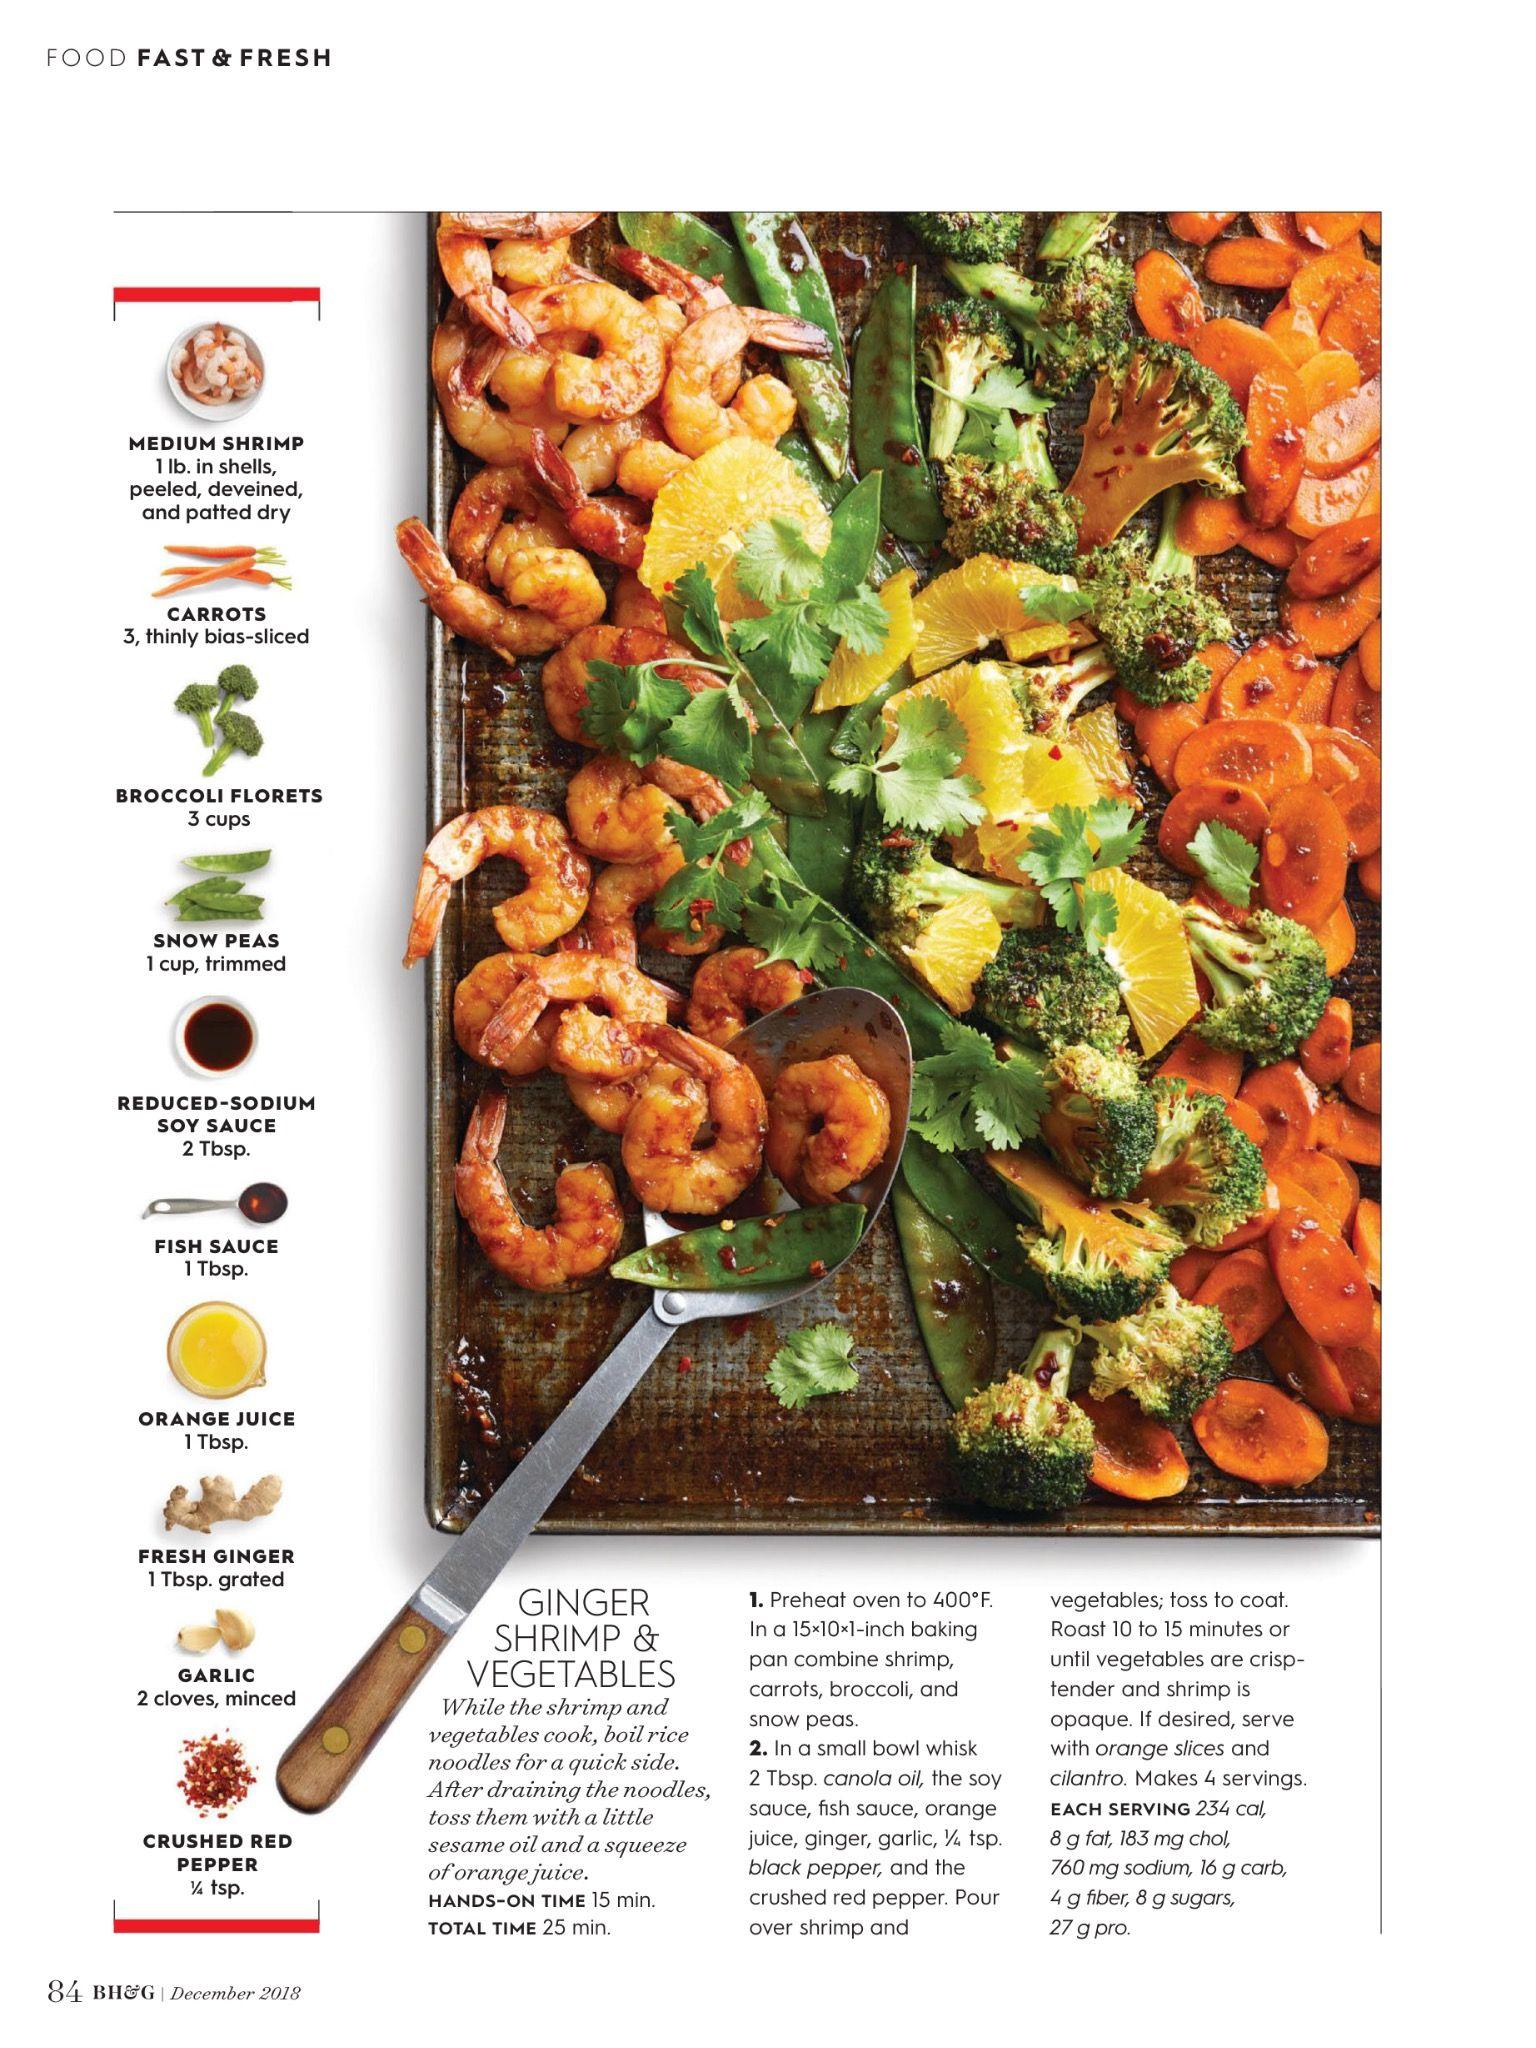 2a320db0a33a1f8b3a0183f609992b70 - Better Homes And Gardens Healthy Recipes